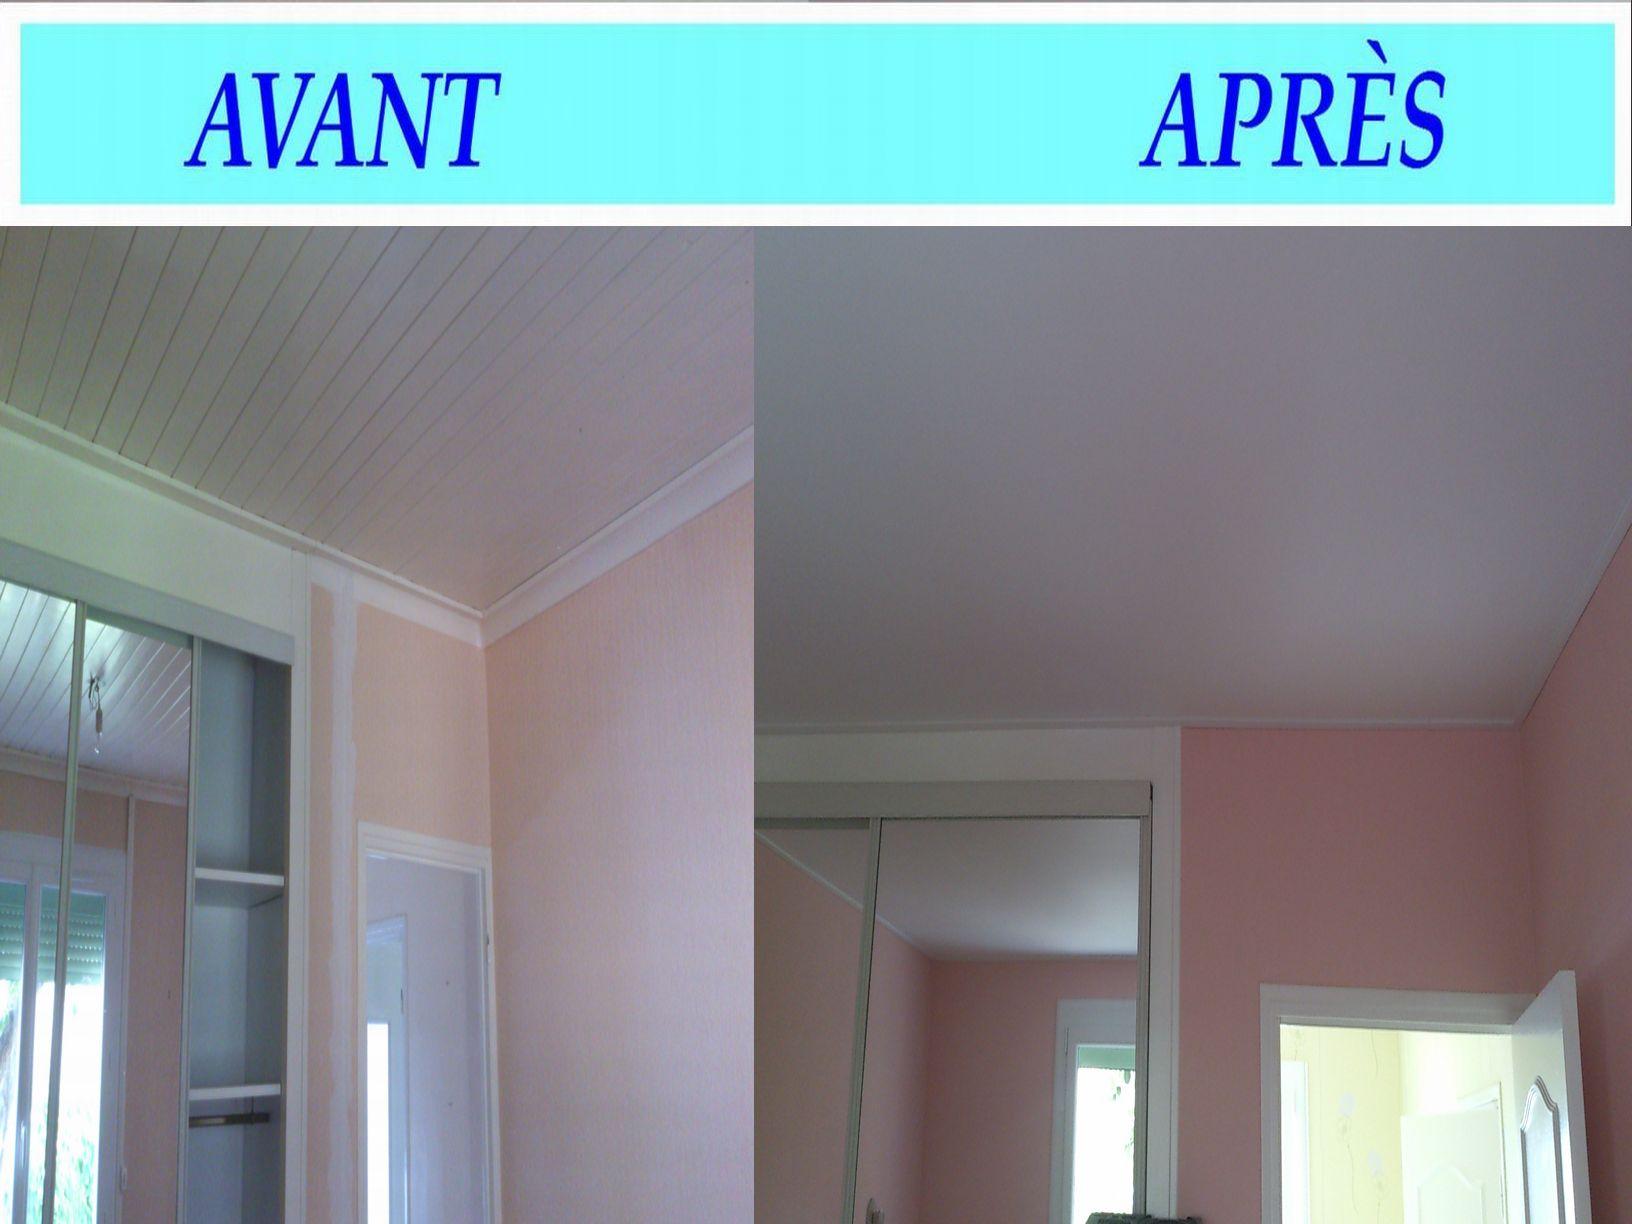 plafond-tendu-avant-apres